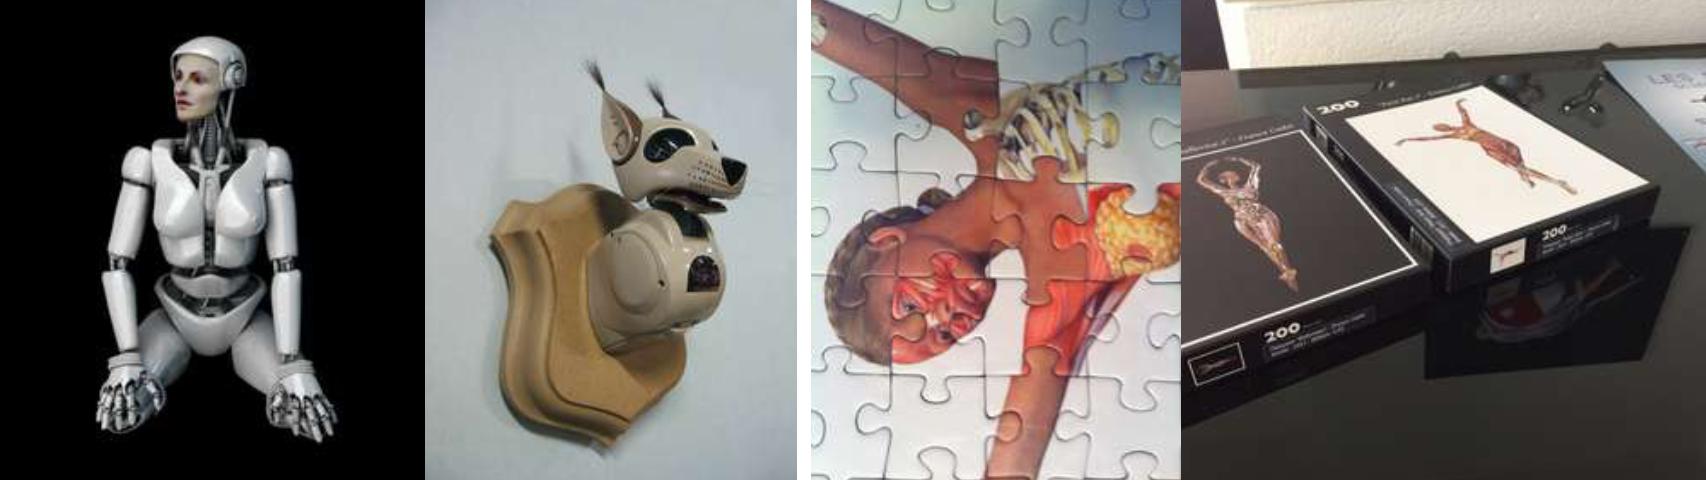 HOLOLECon n°32 (hologramme sur tablette) /Trophée de chasse (robot) / Ballerine (puzzle à assembler)